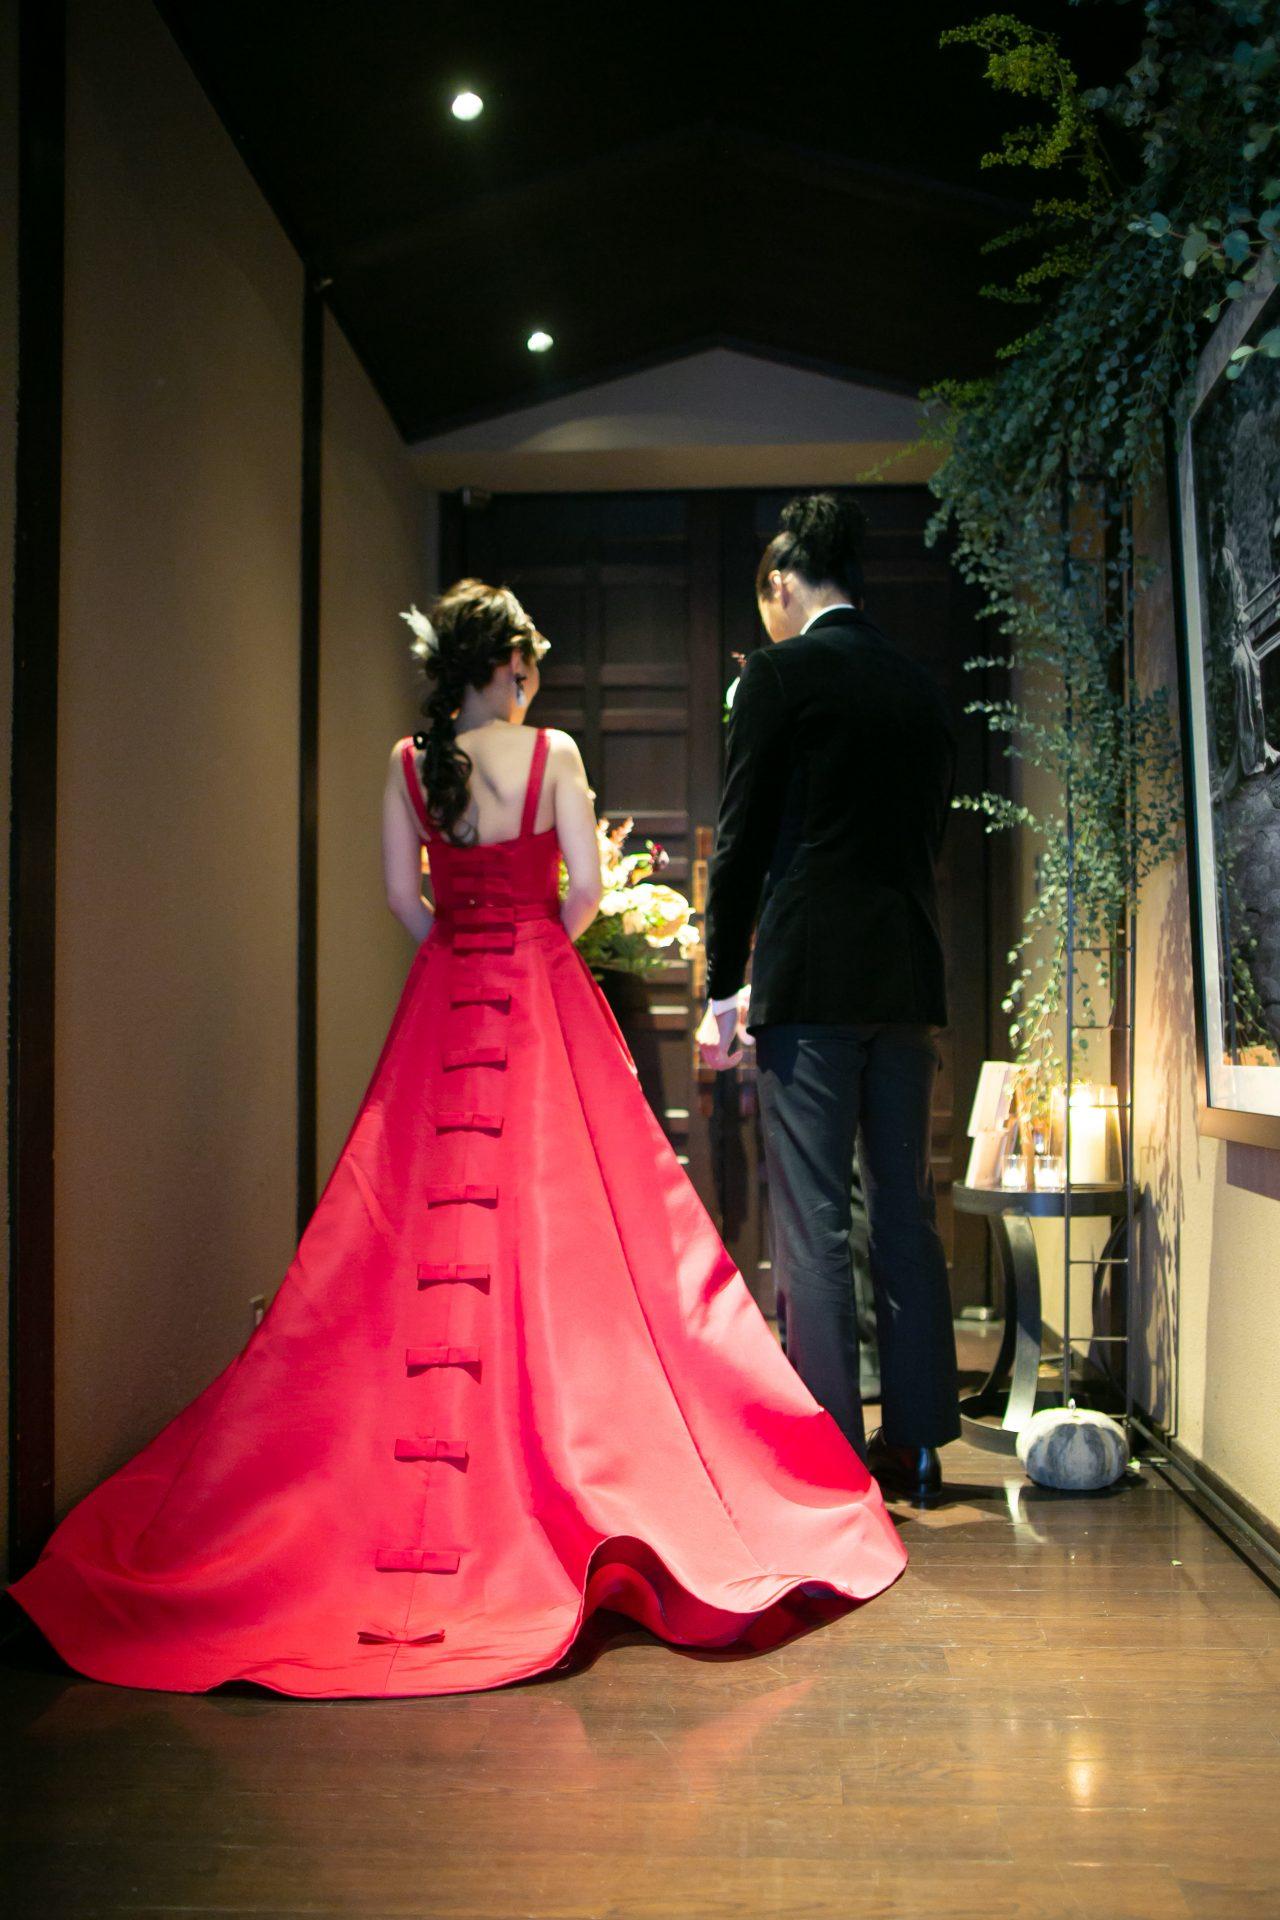 バックスタイルにもこだわったカラードレスでお色直し入場の瞬間は、ゲスト皆様の反応が楽しみなものです